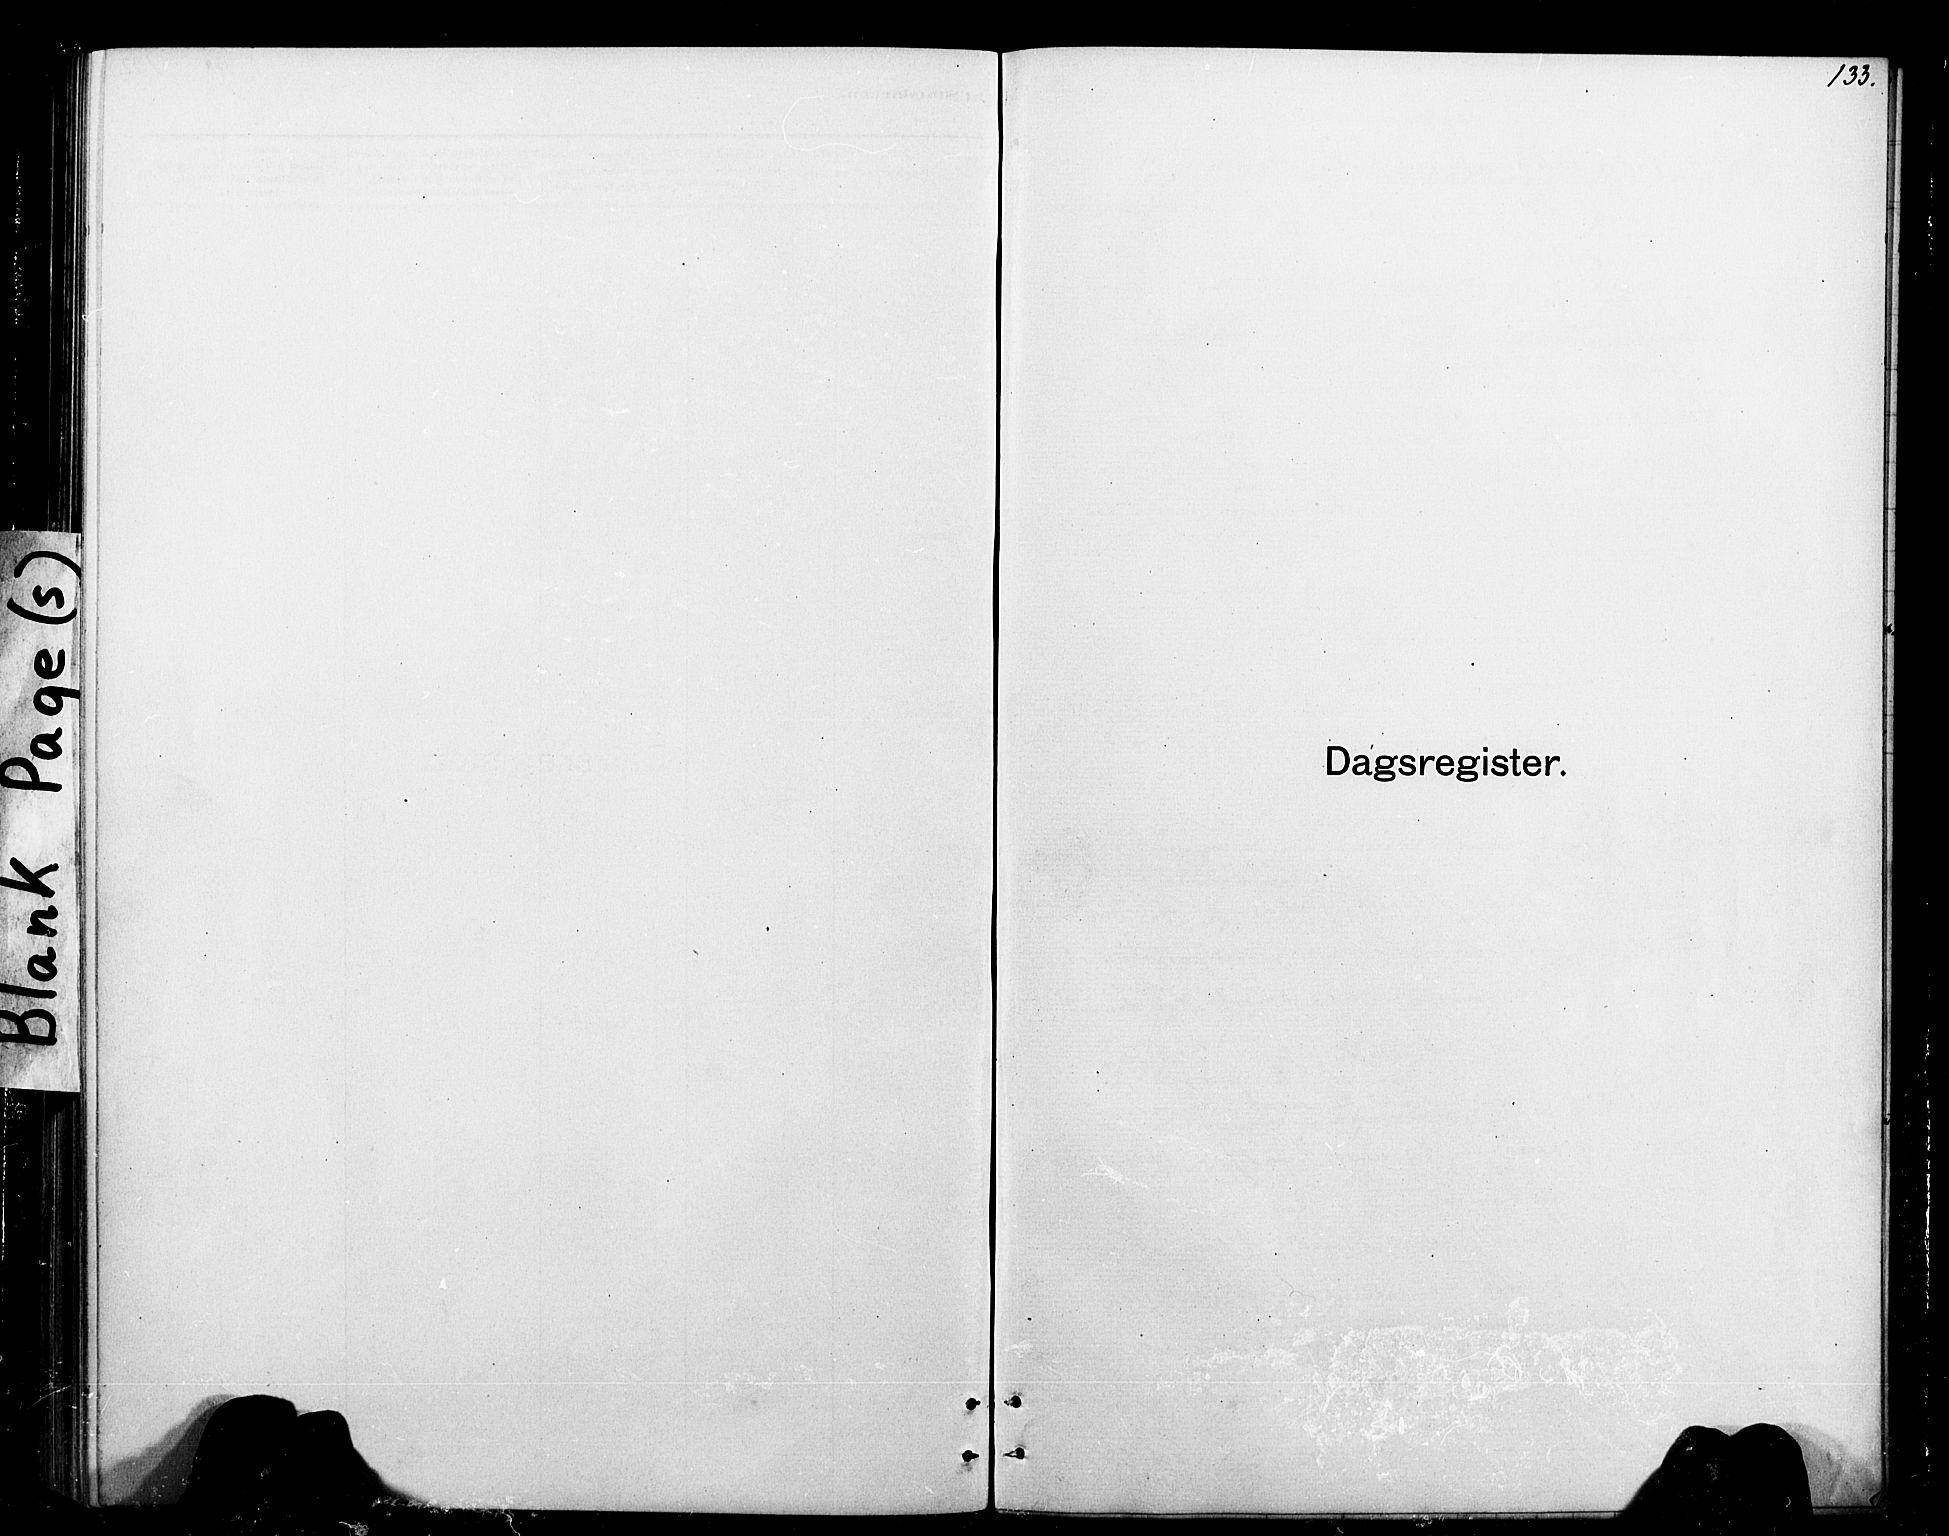 SAT, Ministerialprotokoller, klokkerbøker og fødselsregistre - Sør-Trøndelag, 693/L1123: Klokkerbok nr. 693C04, 1887-1910, s. 133